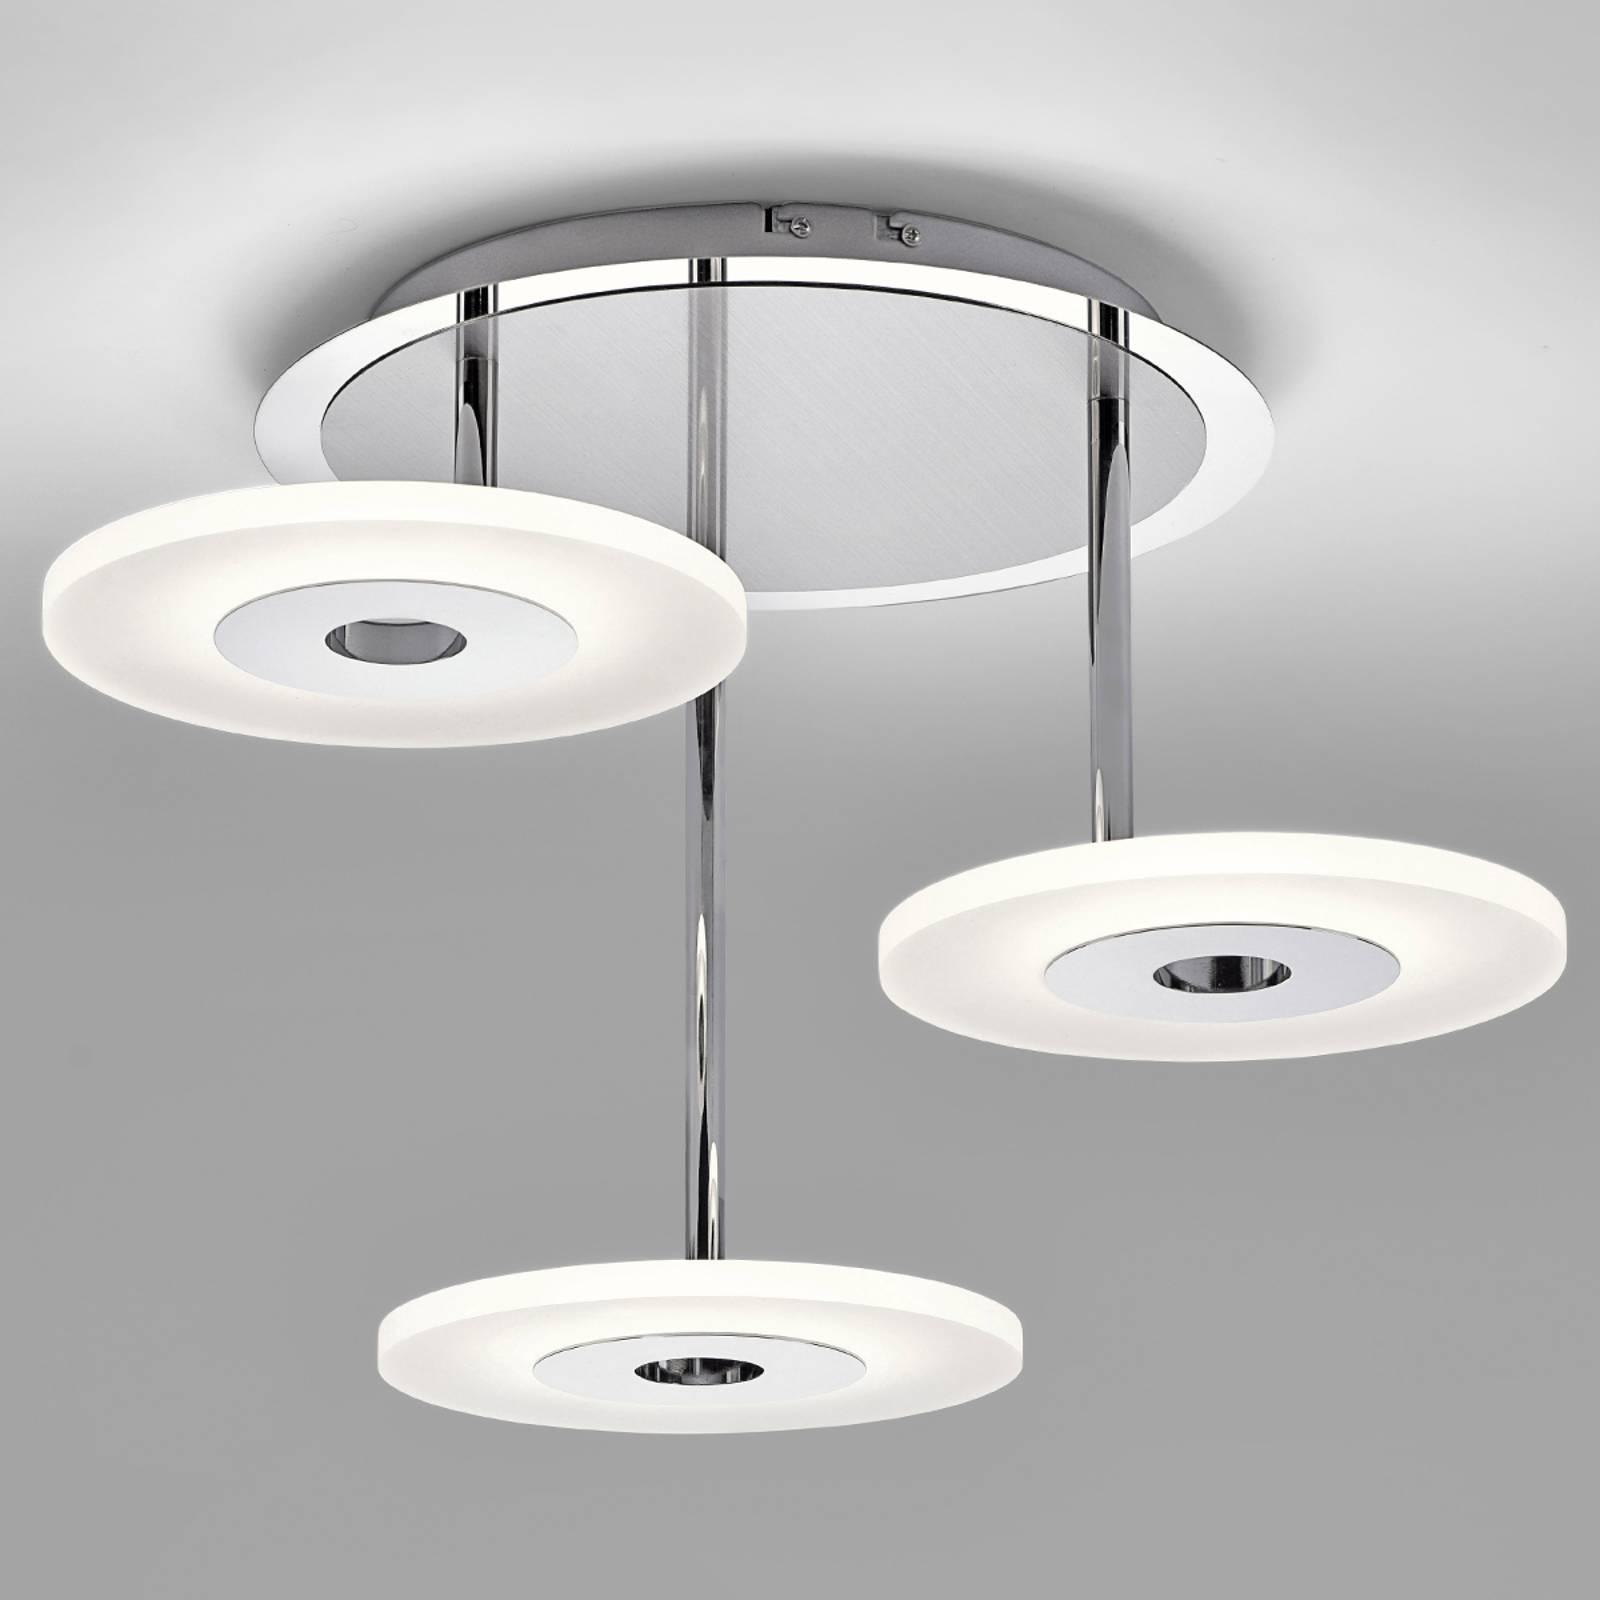 Adali LED-kattovalaisin, himmennys valokytkimellä